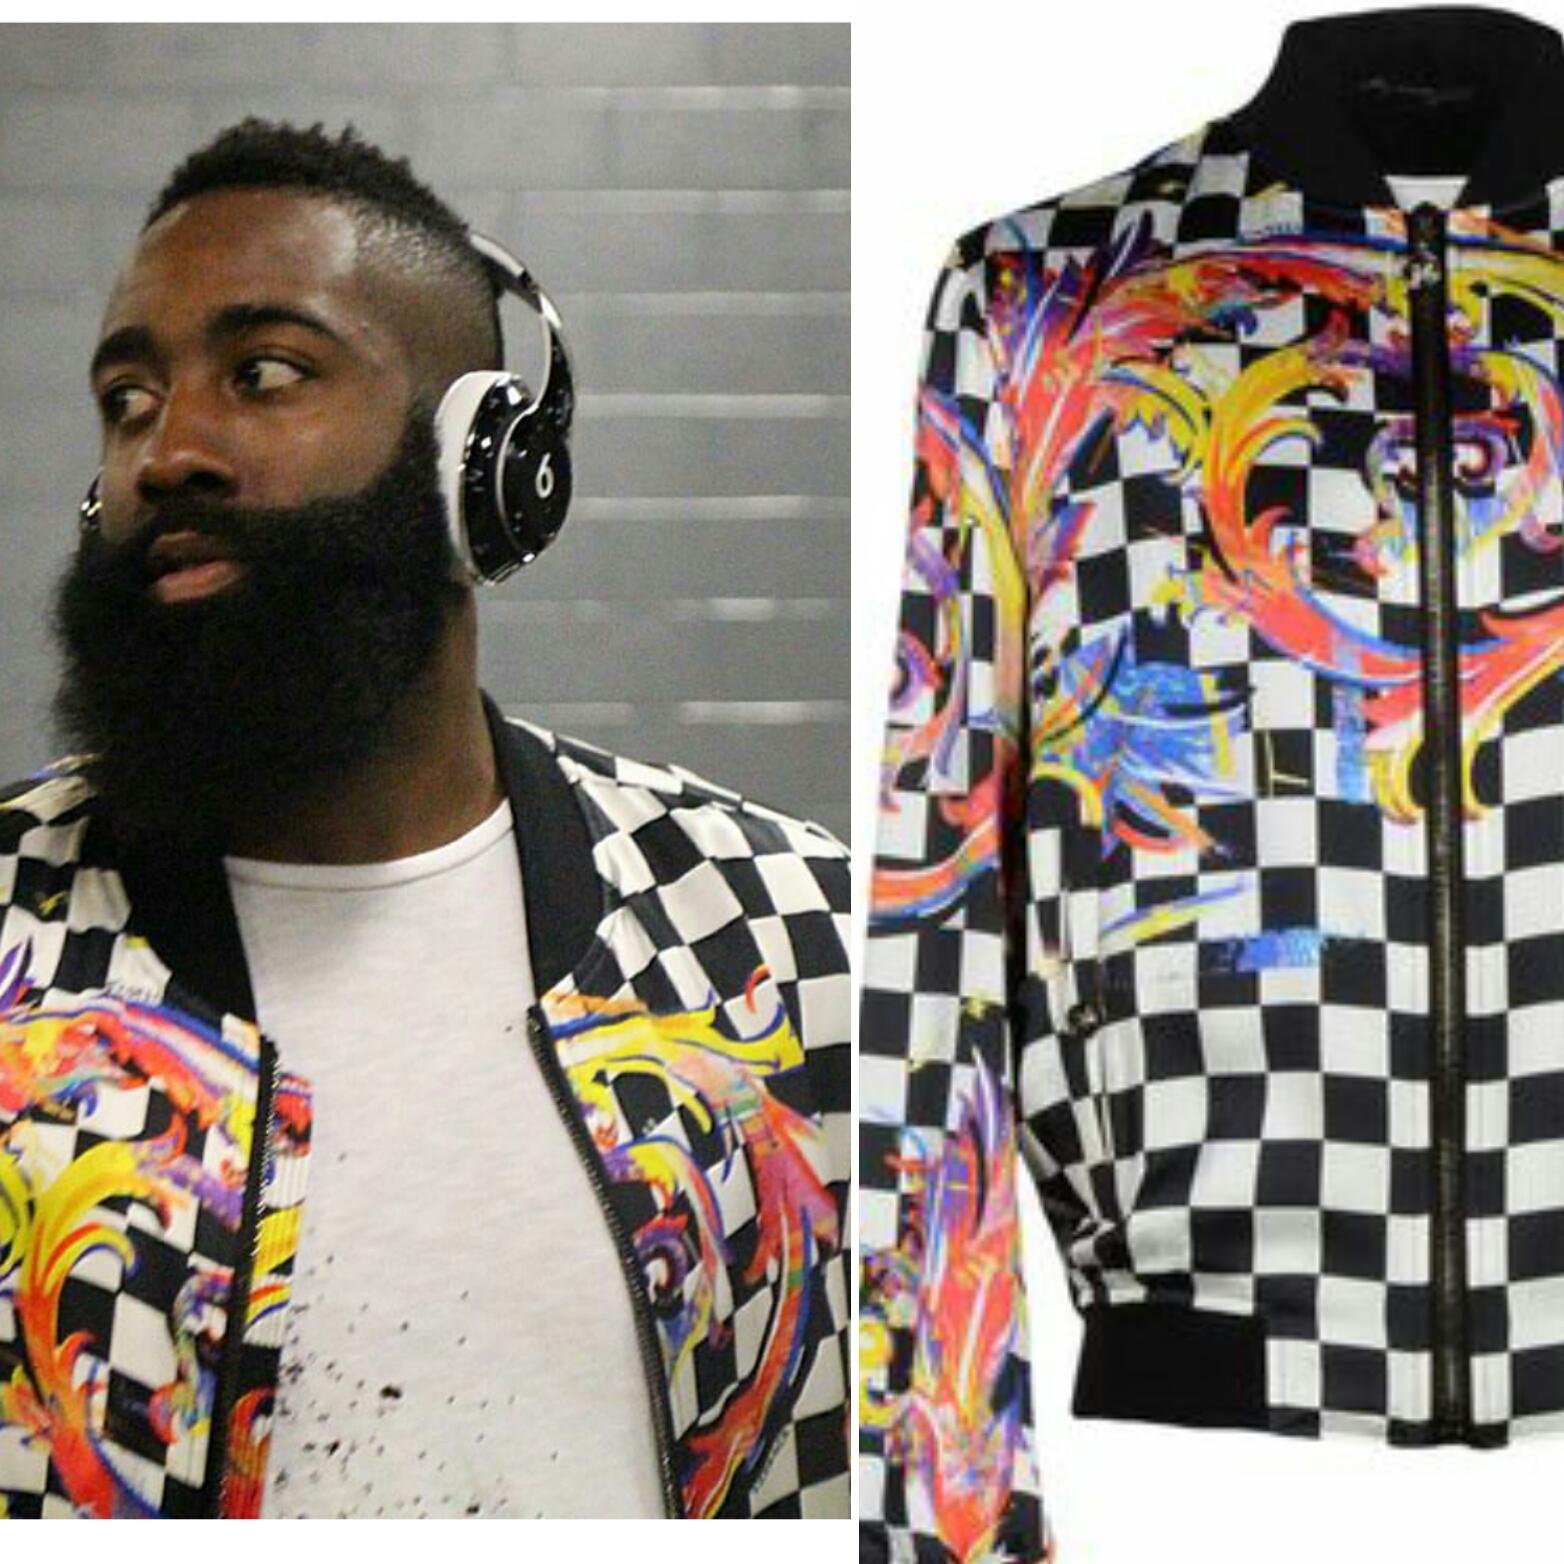 James-Harden-Versace-Bomber-Jacket